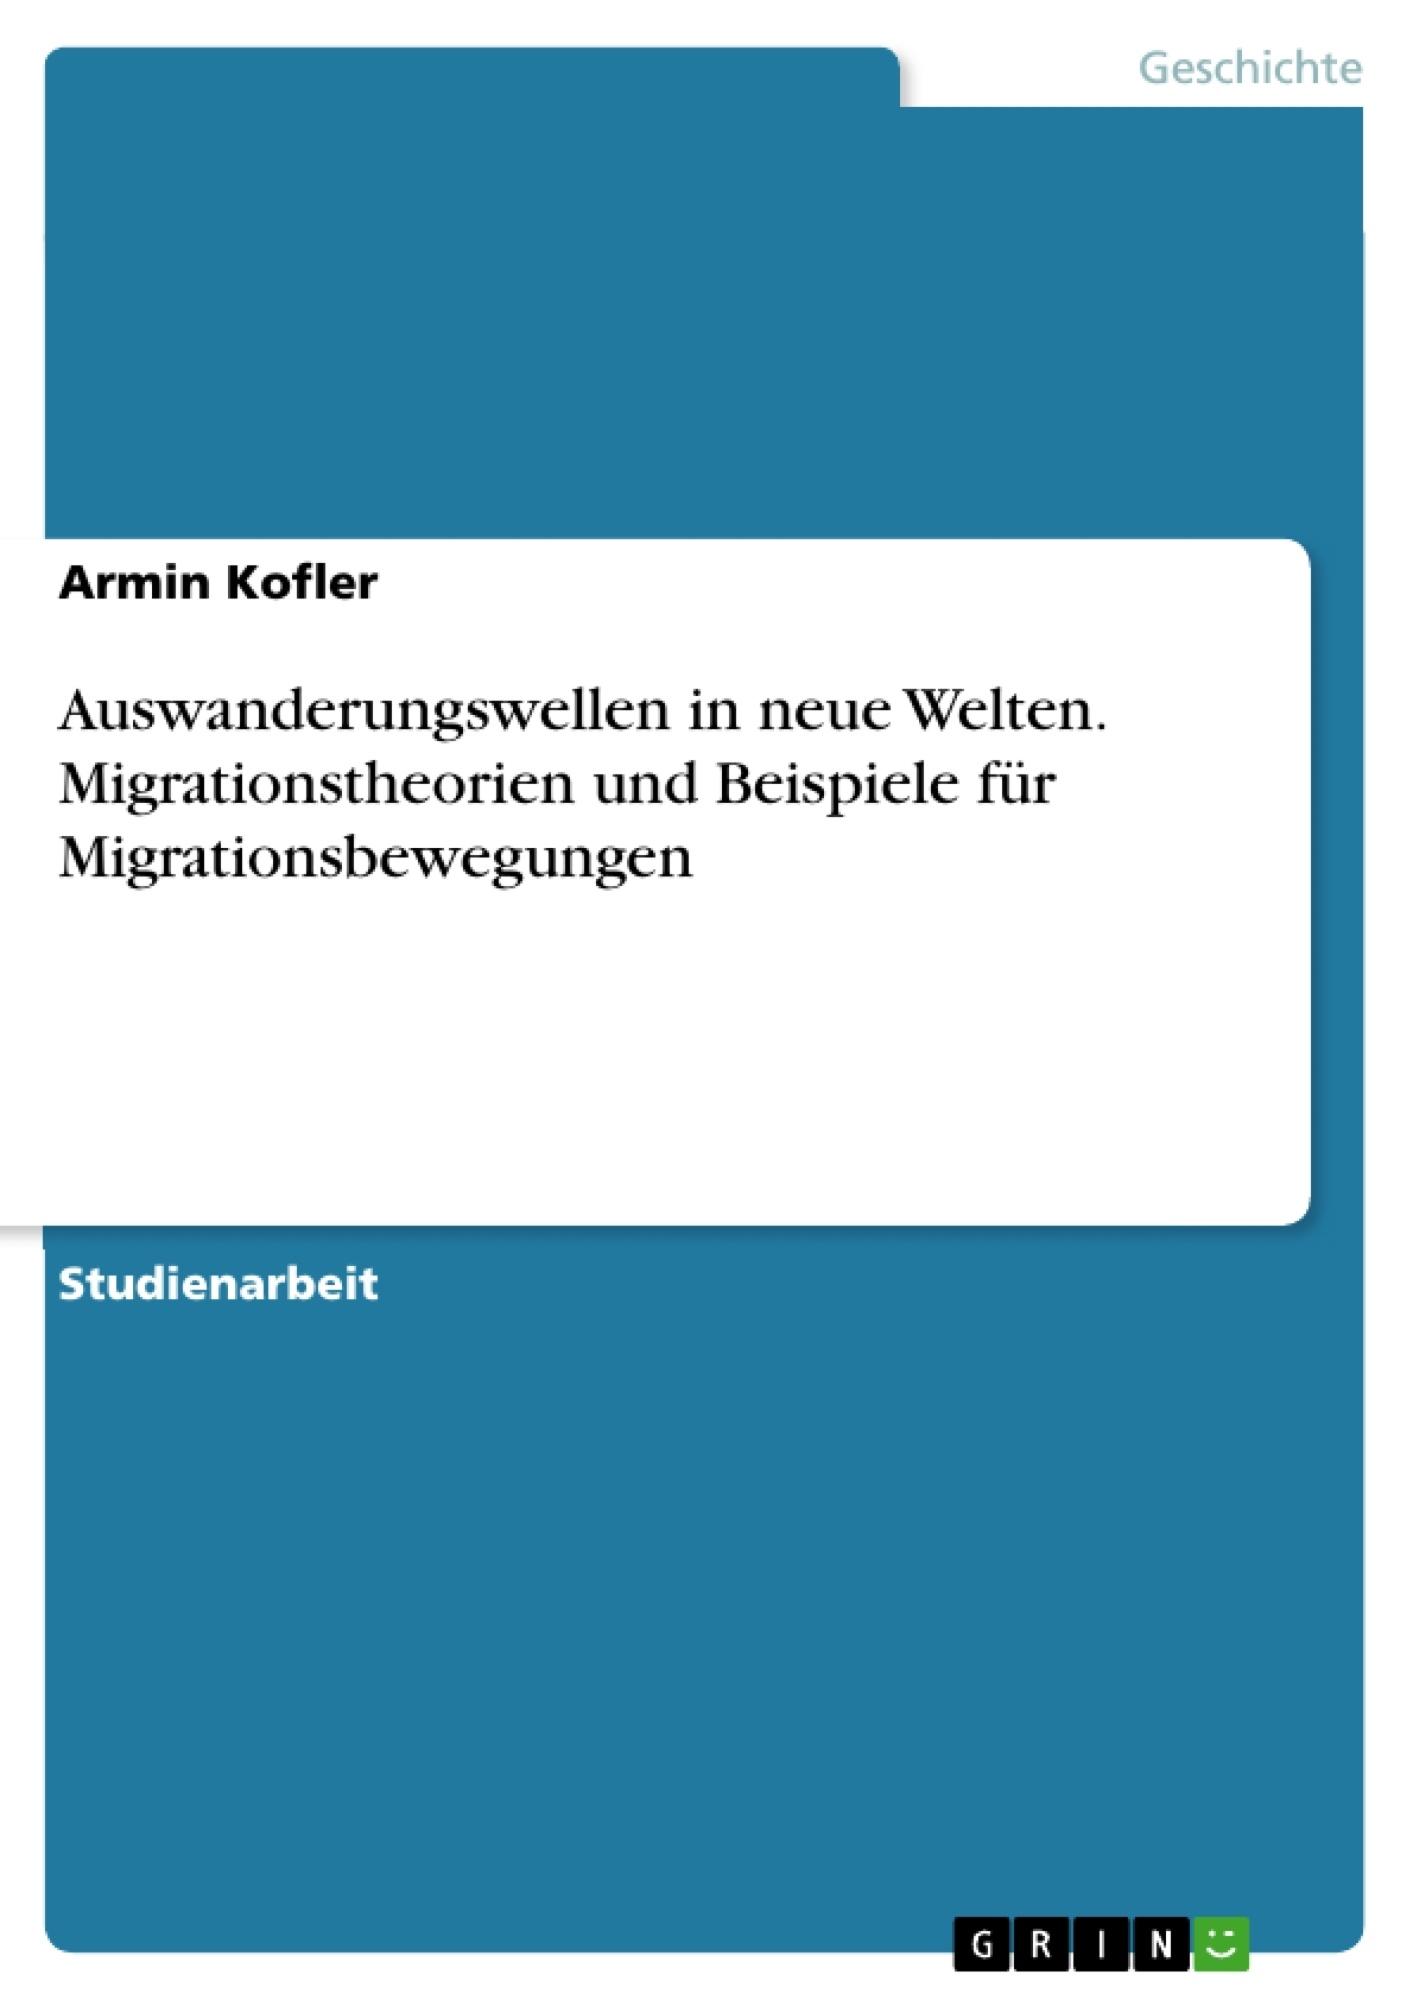 Titel: Auswanderungswellen in neue Welten. Migrationstheorien und Beispiele für Migrationsbewegungen